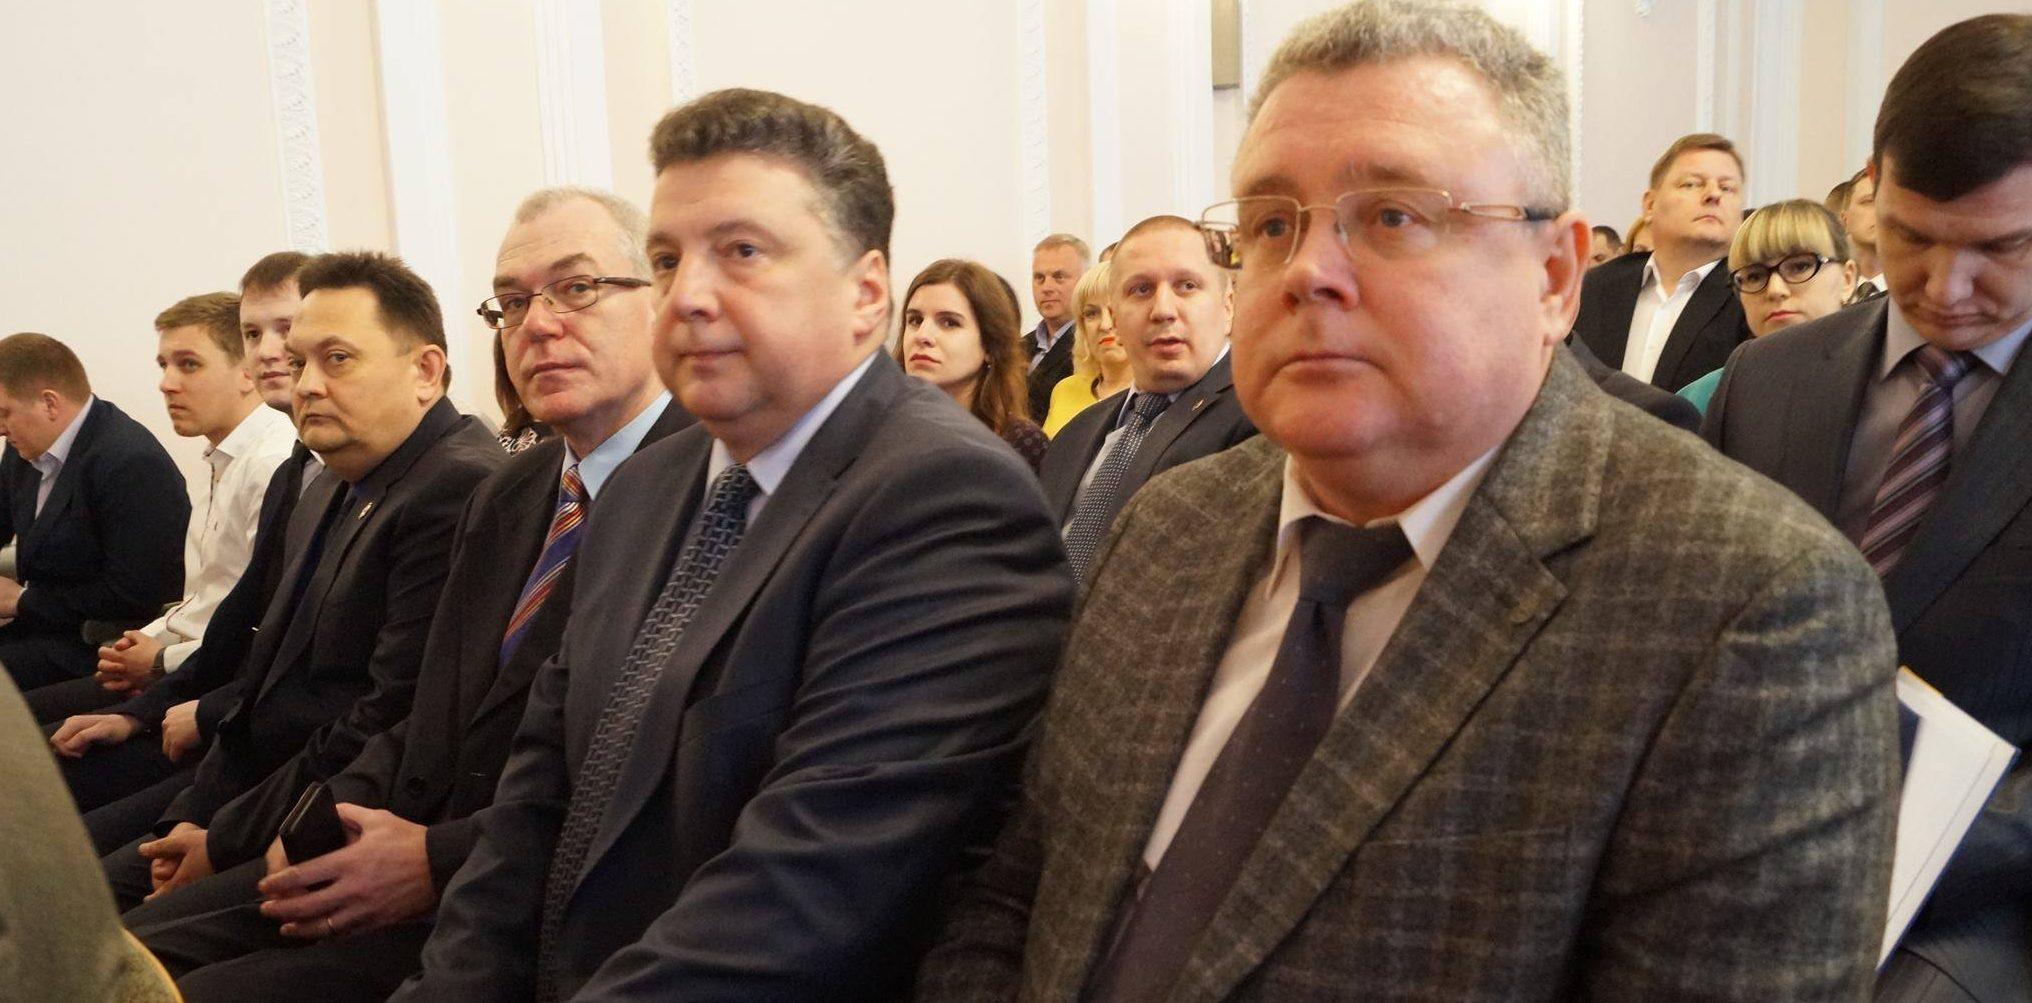 Дисциплинарная комиссия прокуроров решила не наказывать Валерия Романова